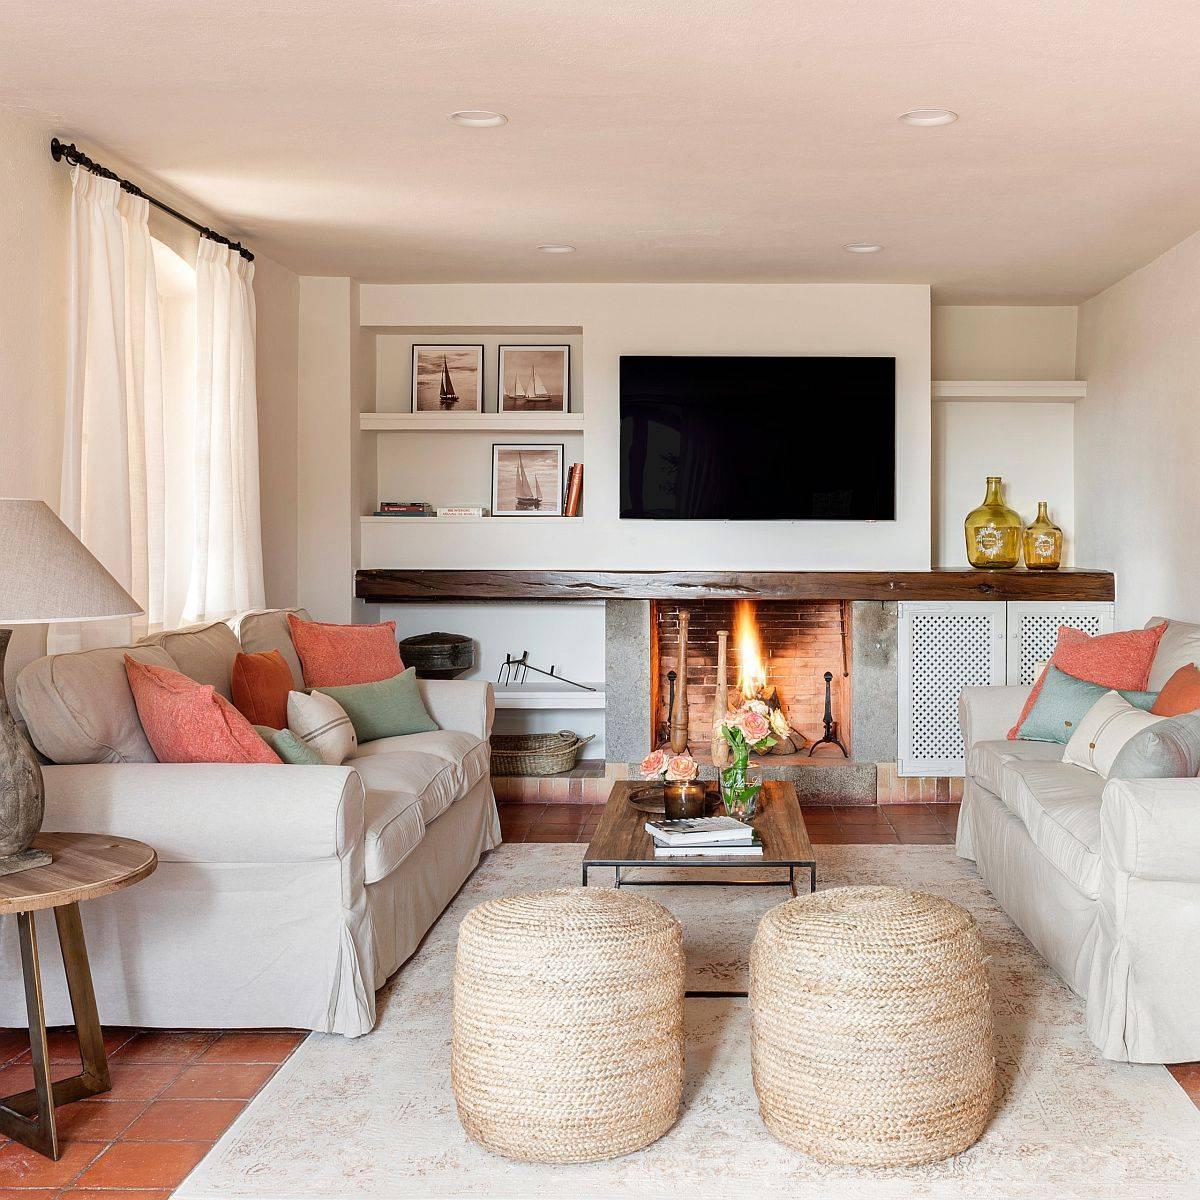 Cozy and elegant modern Mediterranean living room in beige